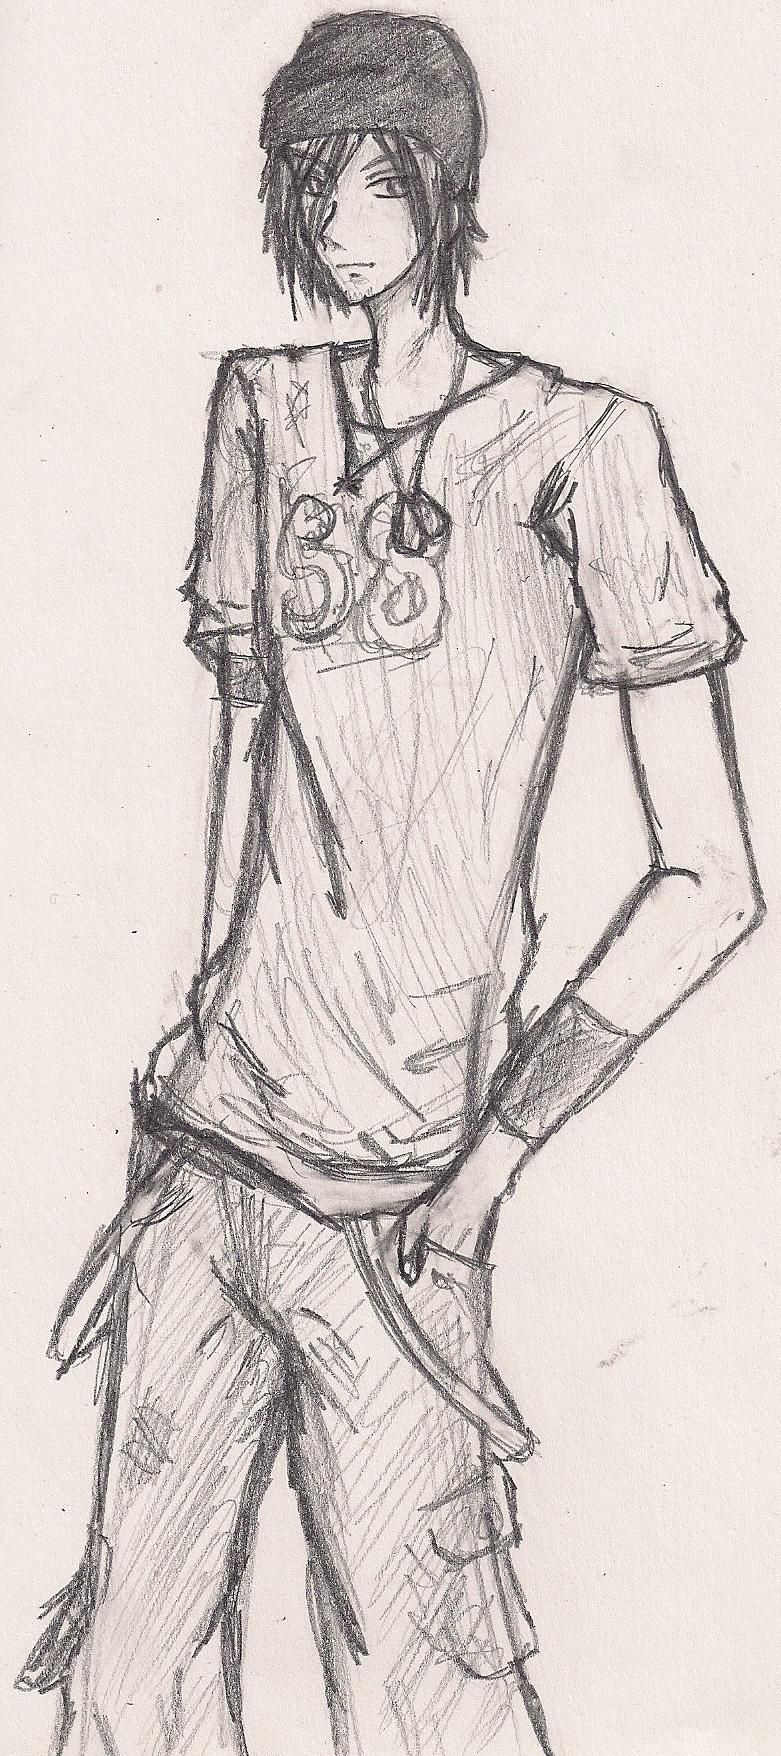 Joshua -Sketch- by shoujoartist